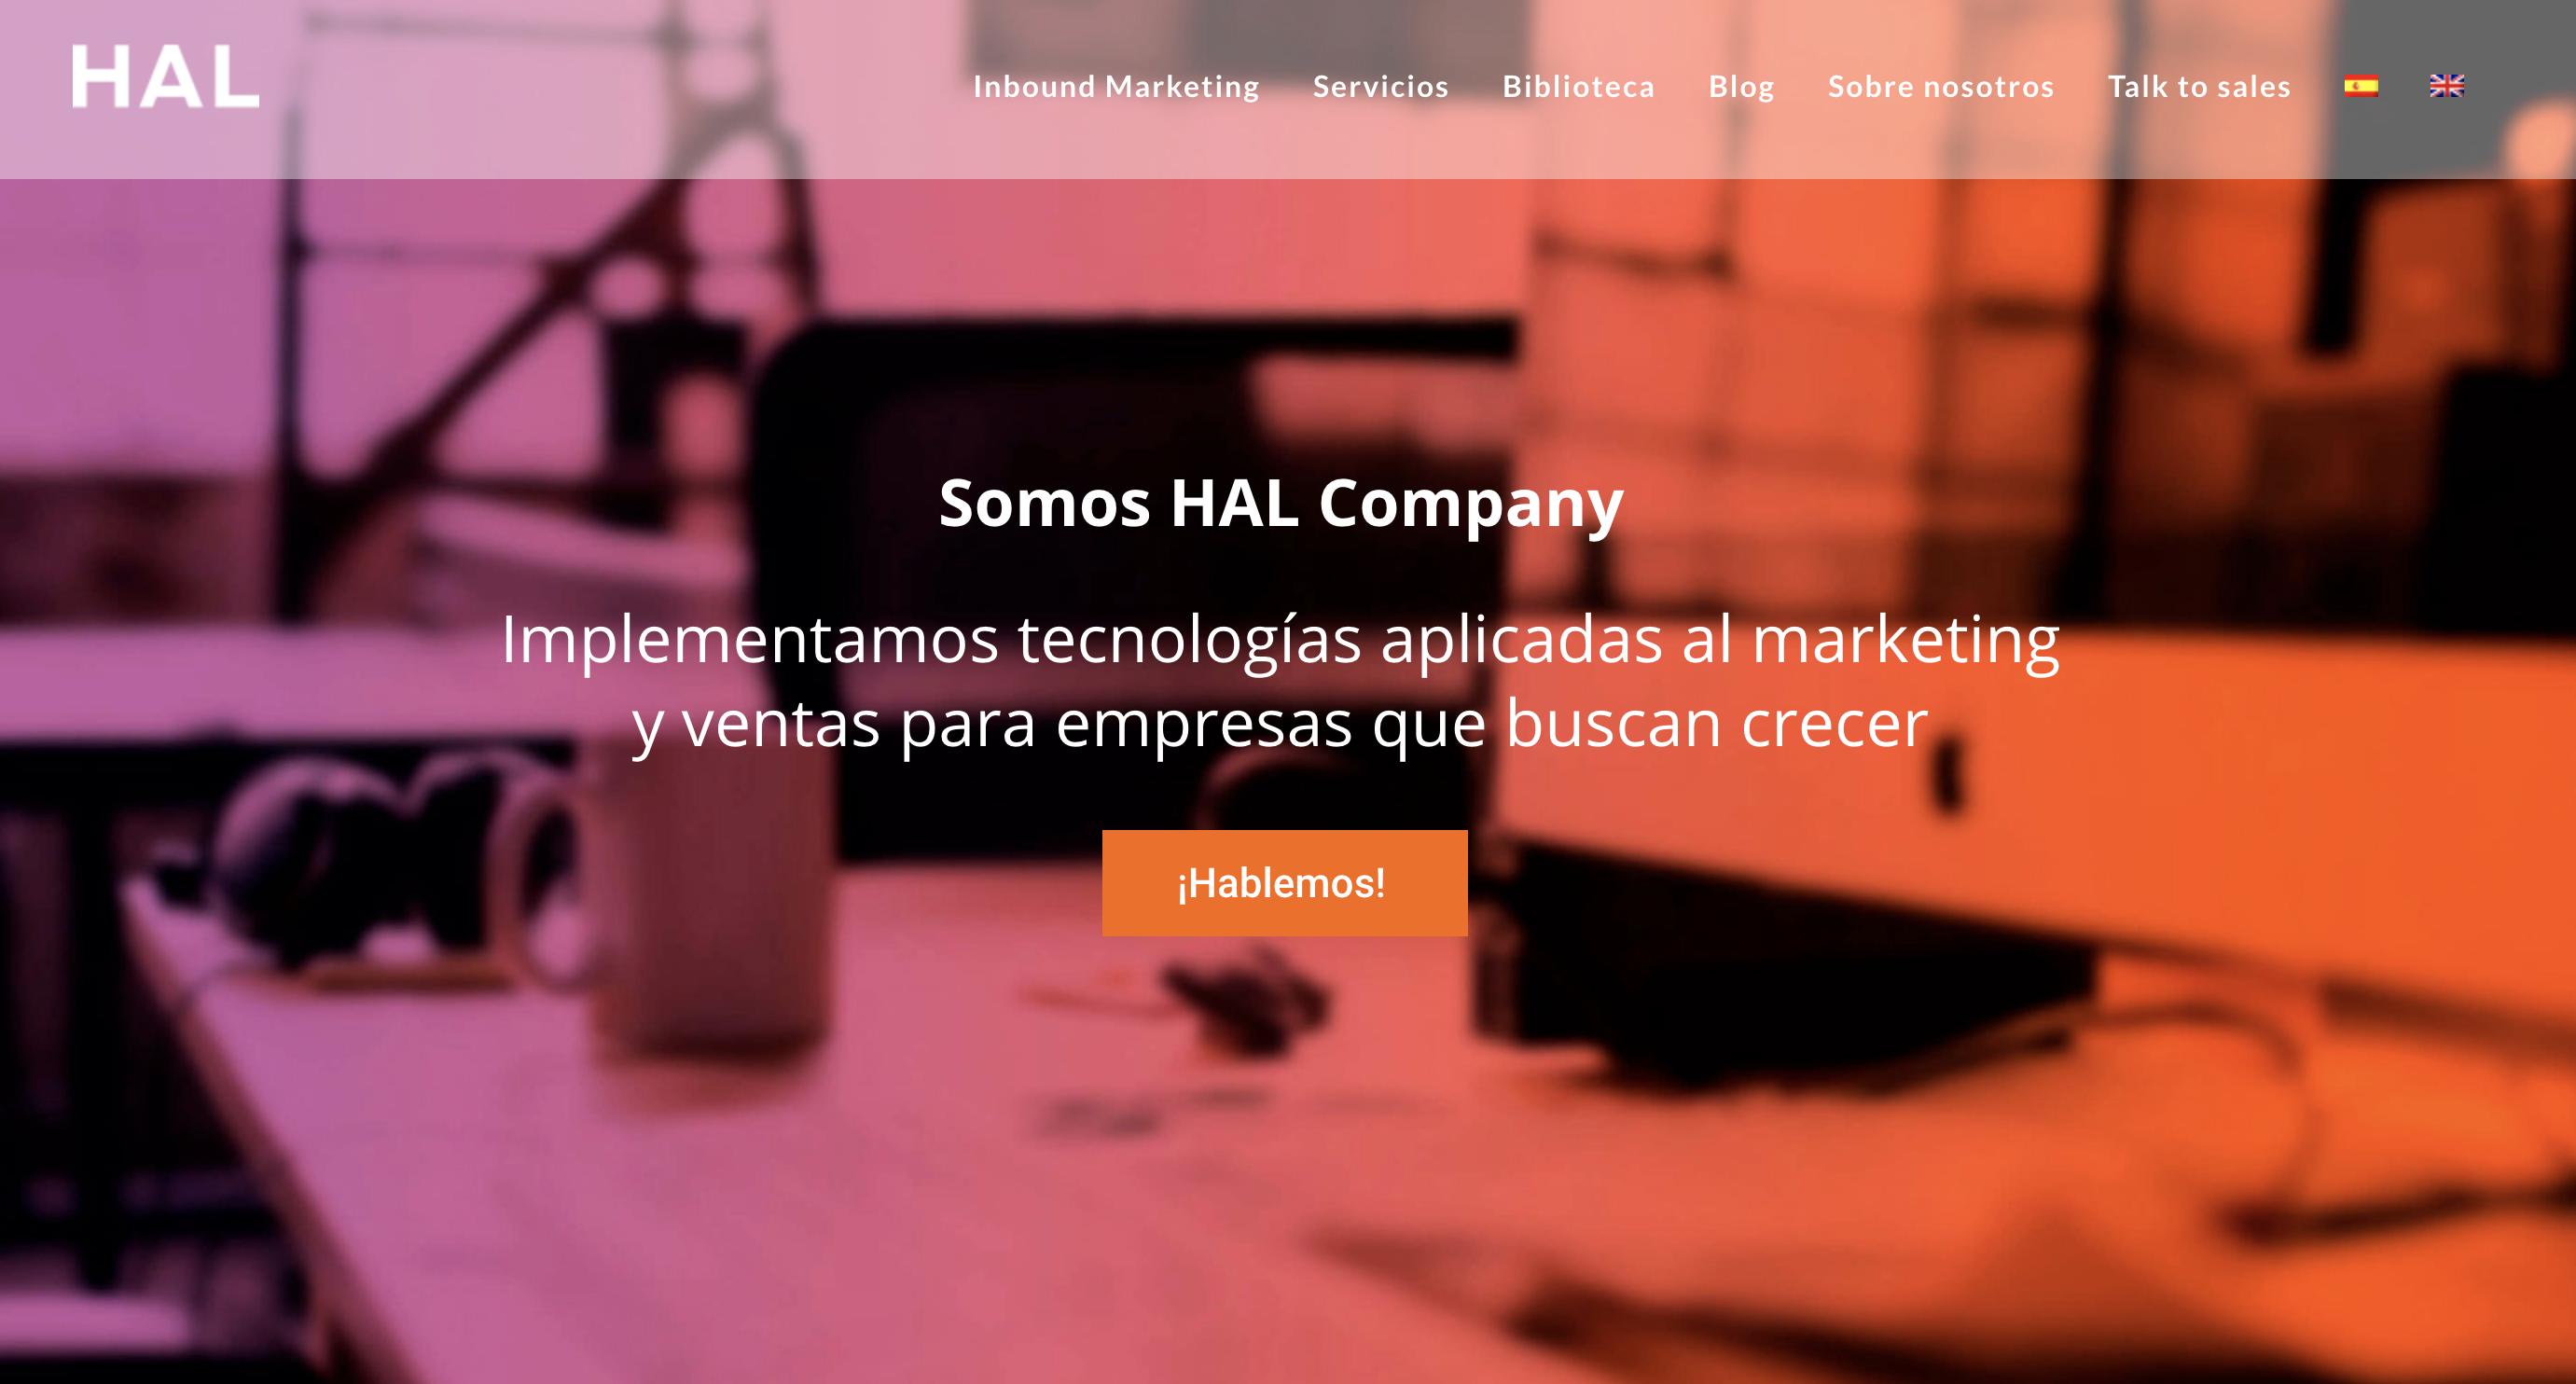 HAL agencia Inbound